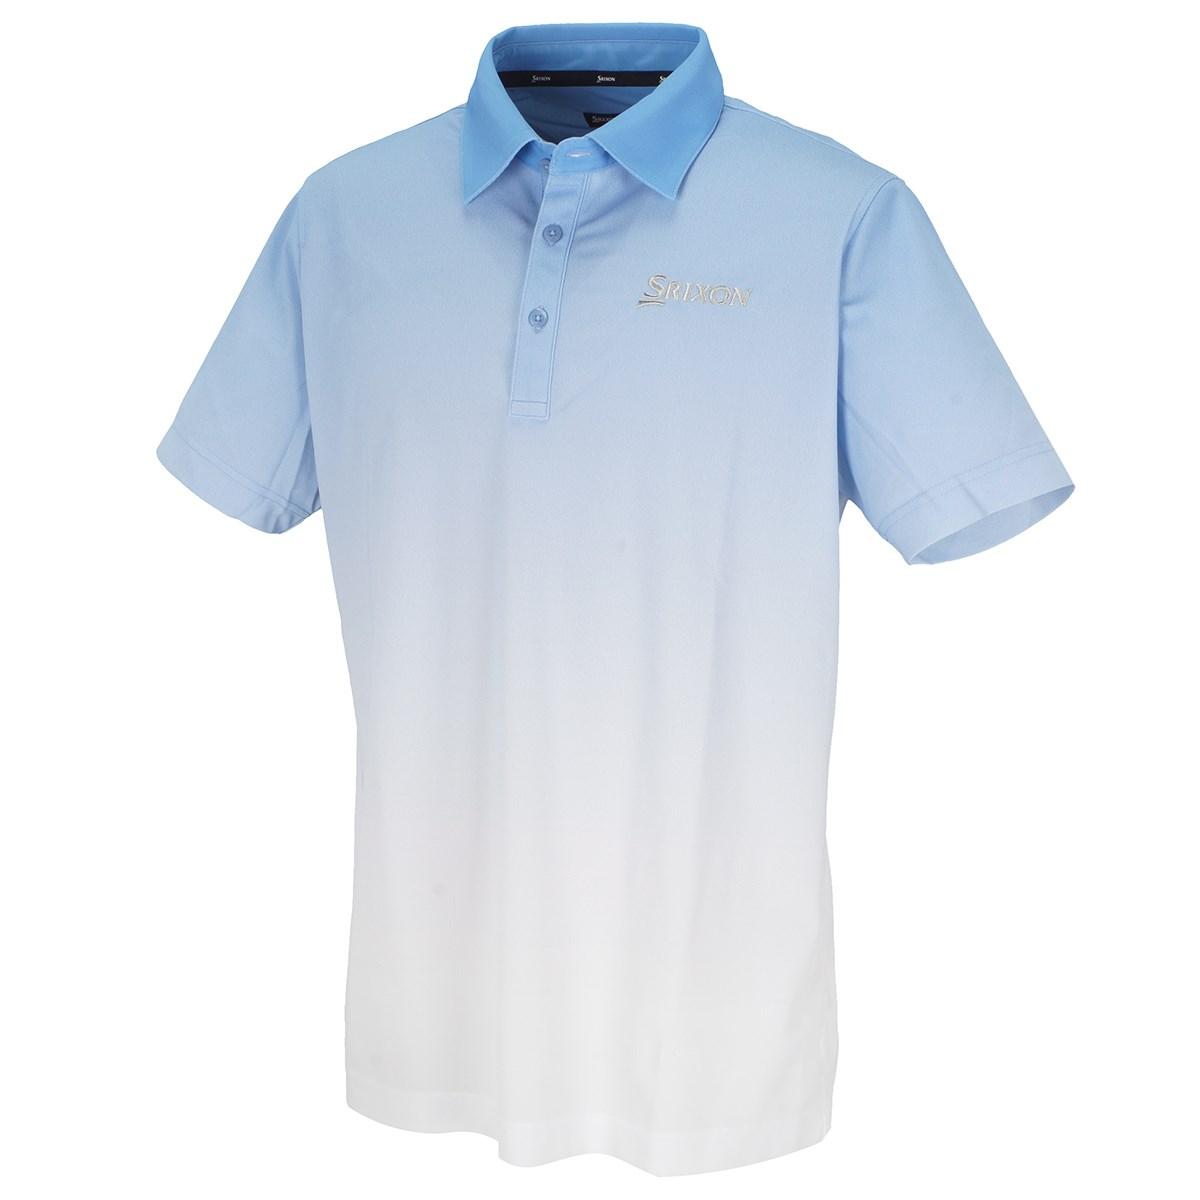 スリクソンゴルフ SRIXON COOLISTグラデーションプリント 半袖ポロシャツ L サックス 00